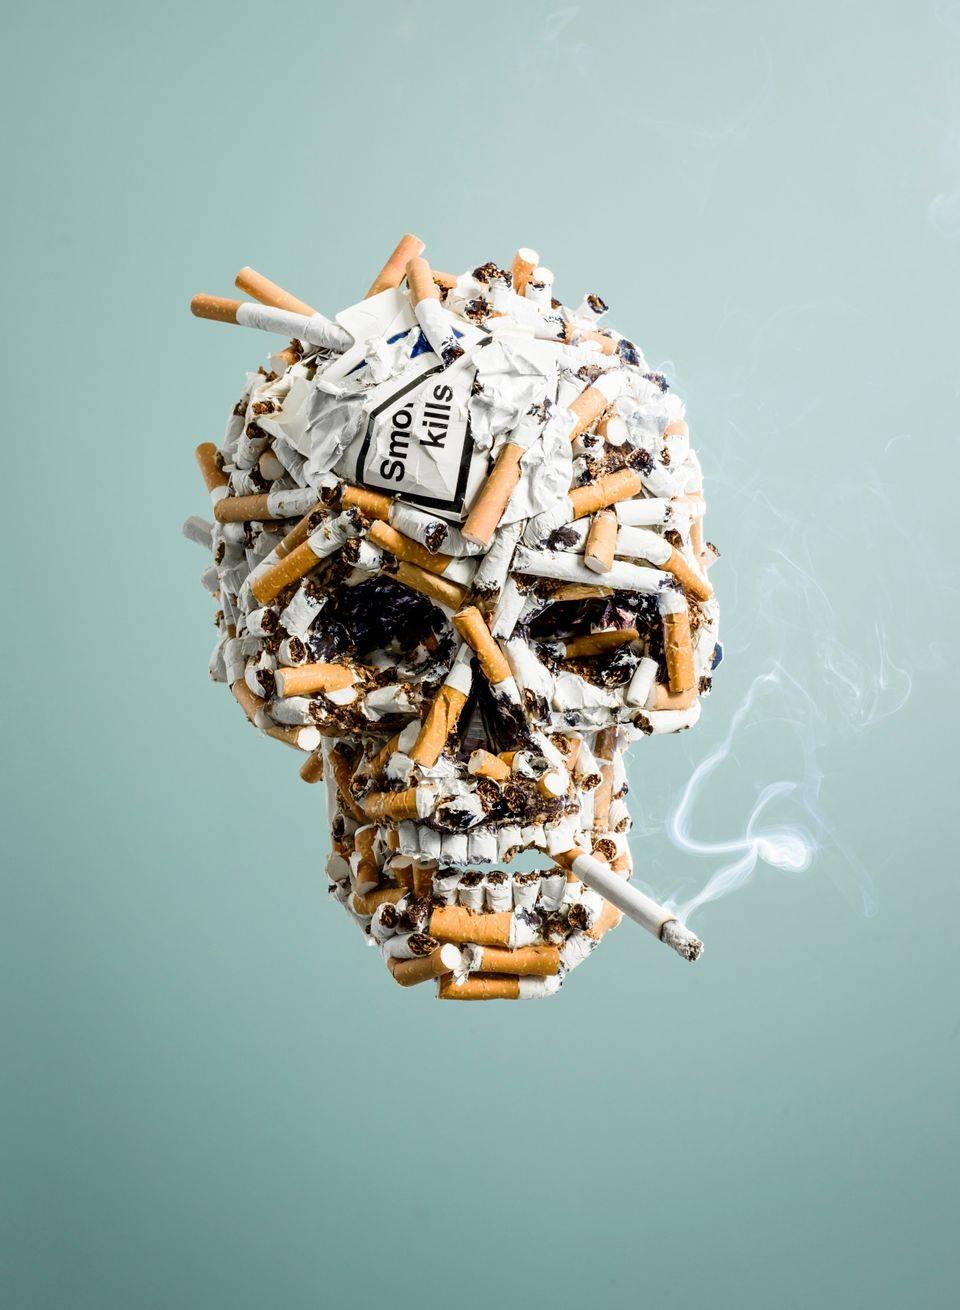 Возможна ли аллергия на сигареты и по каким симптомам можно ее определить